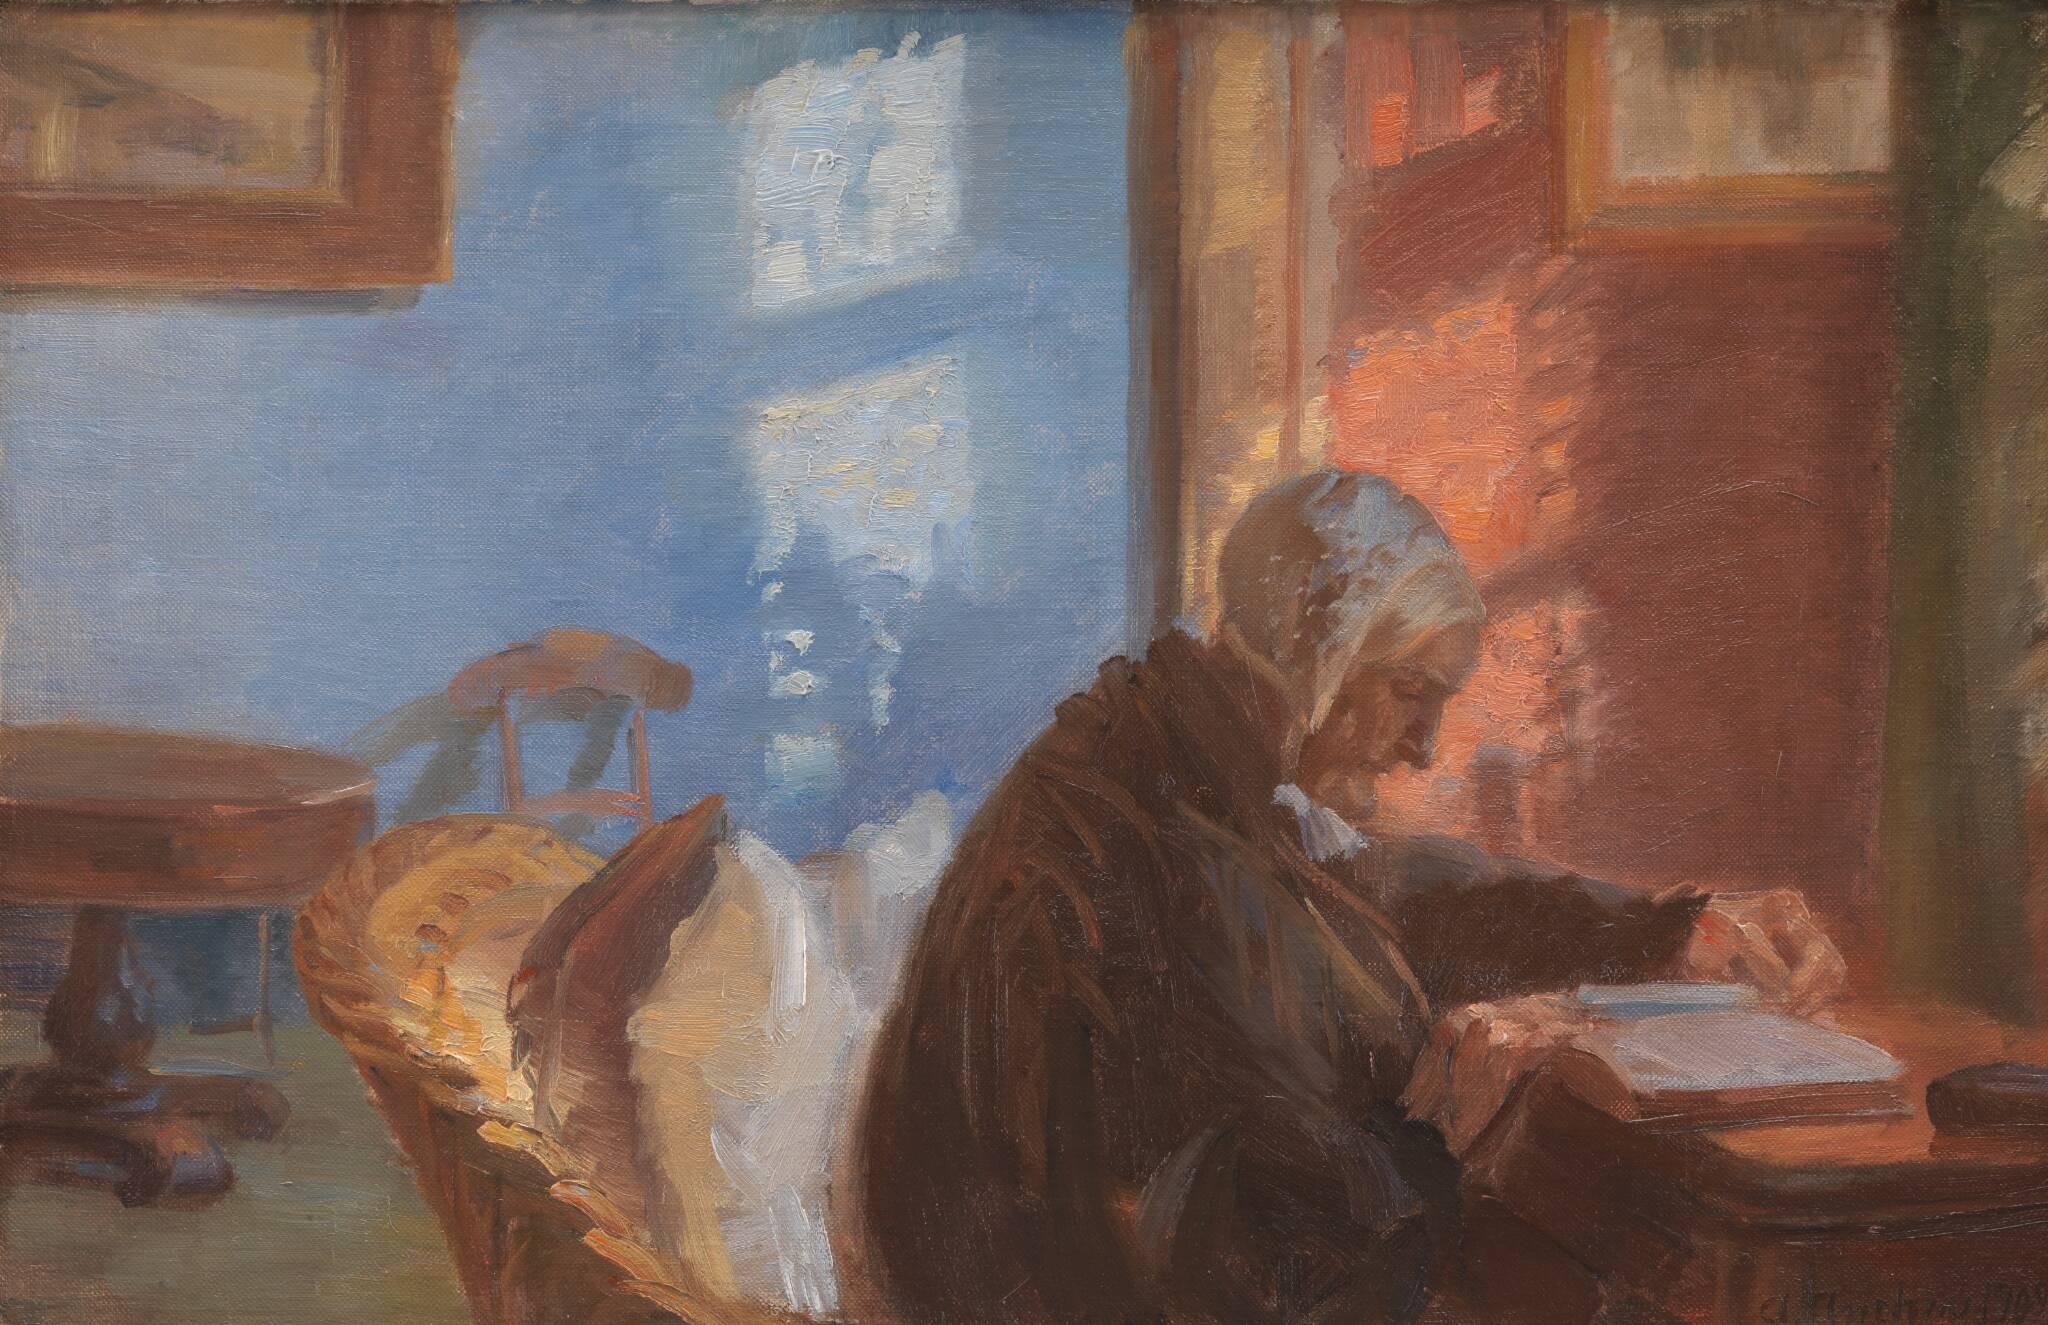 Kunstnerens mor Ane Hedvig Brøndum i den røde stue, 1909, Anna Ancher, Statens Museum for Kunst